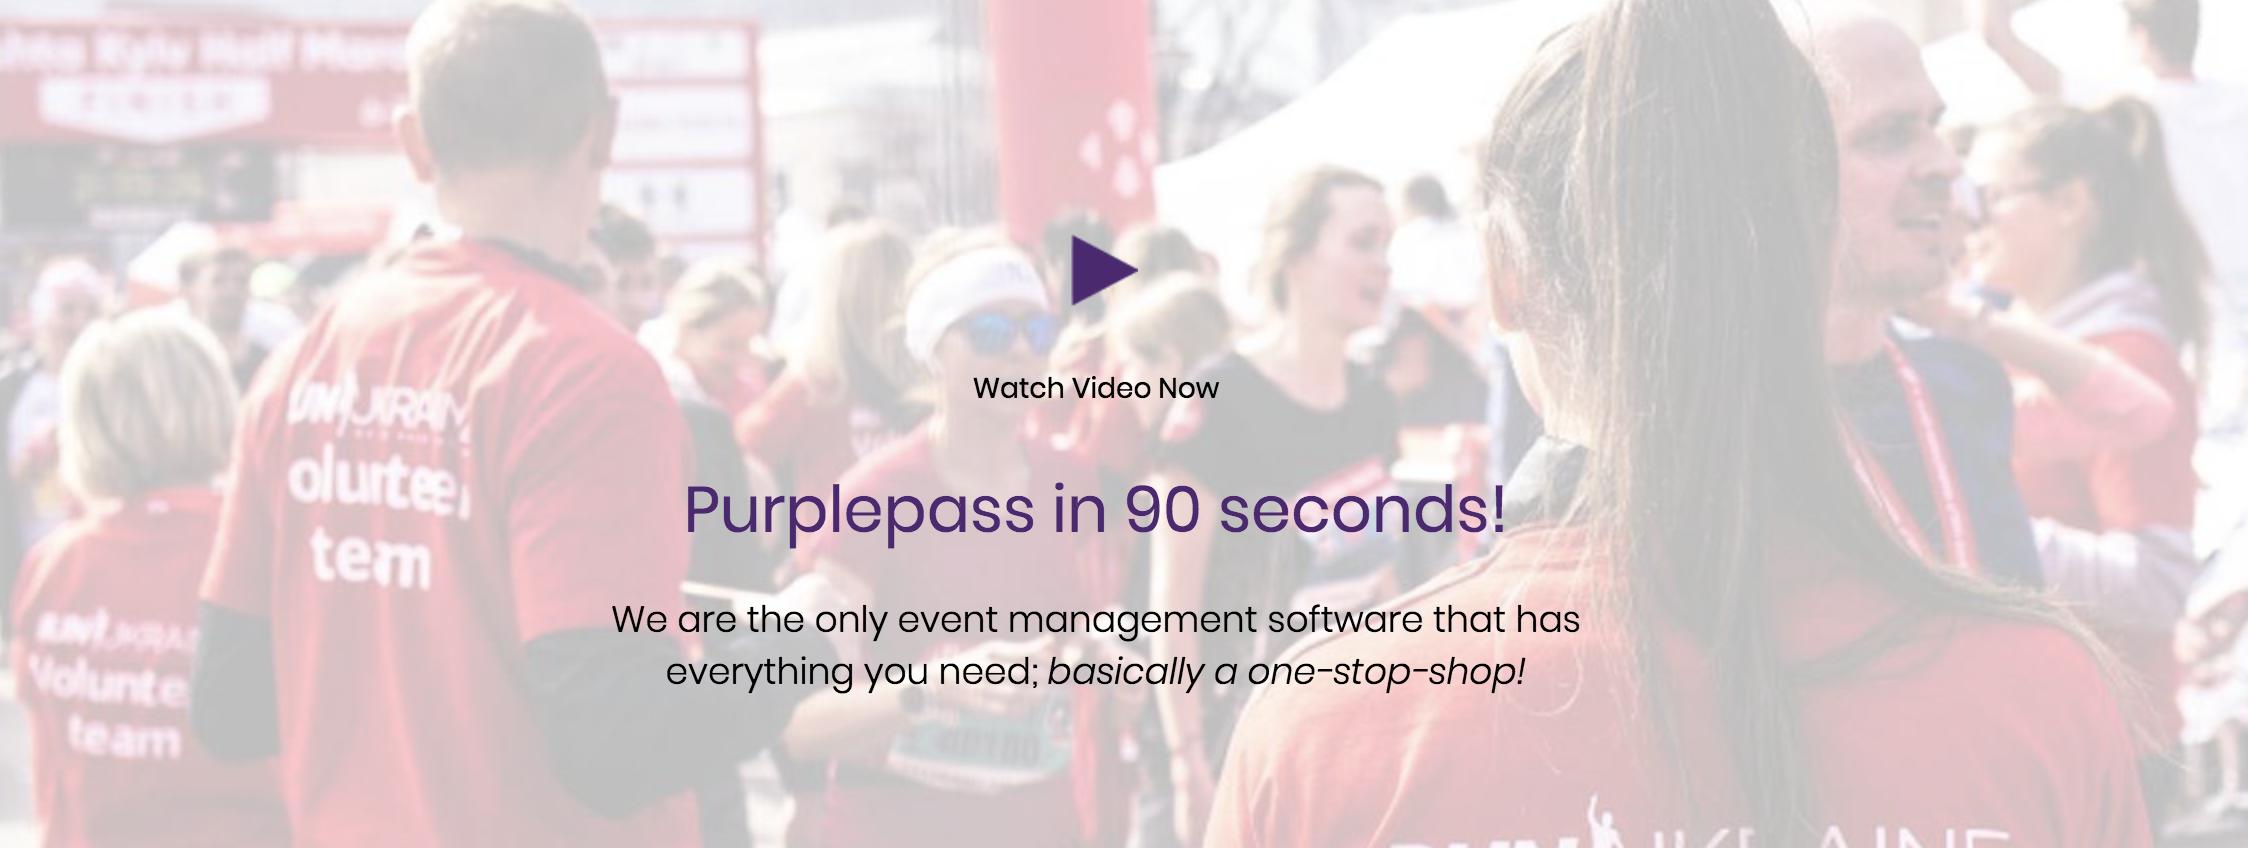 purplepass